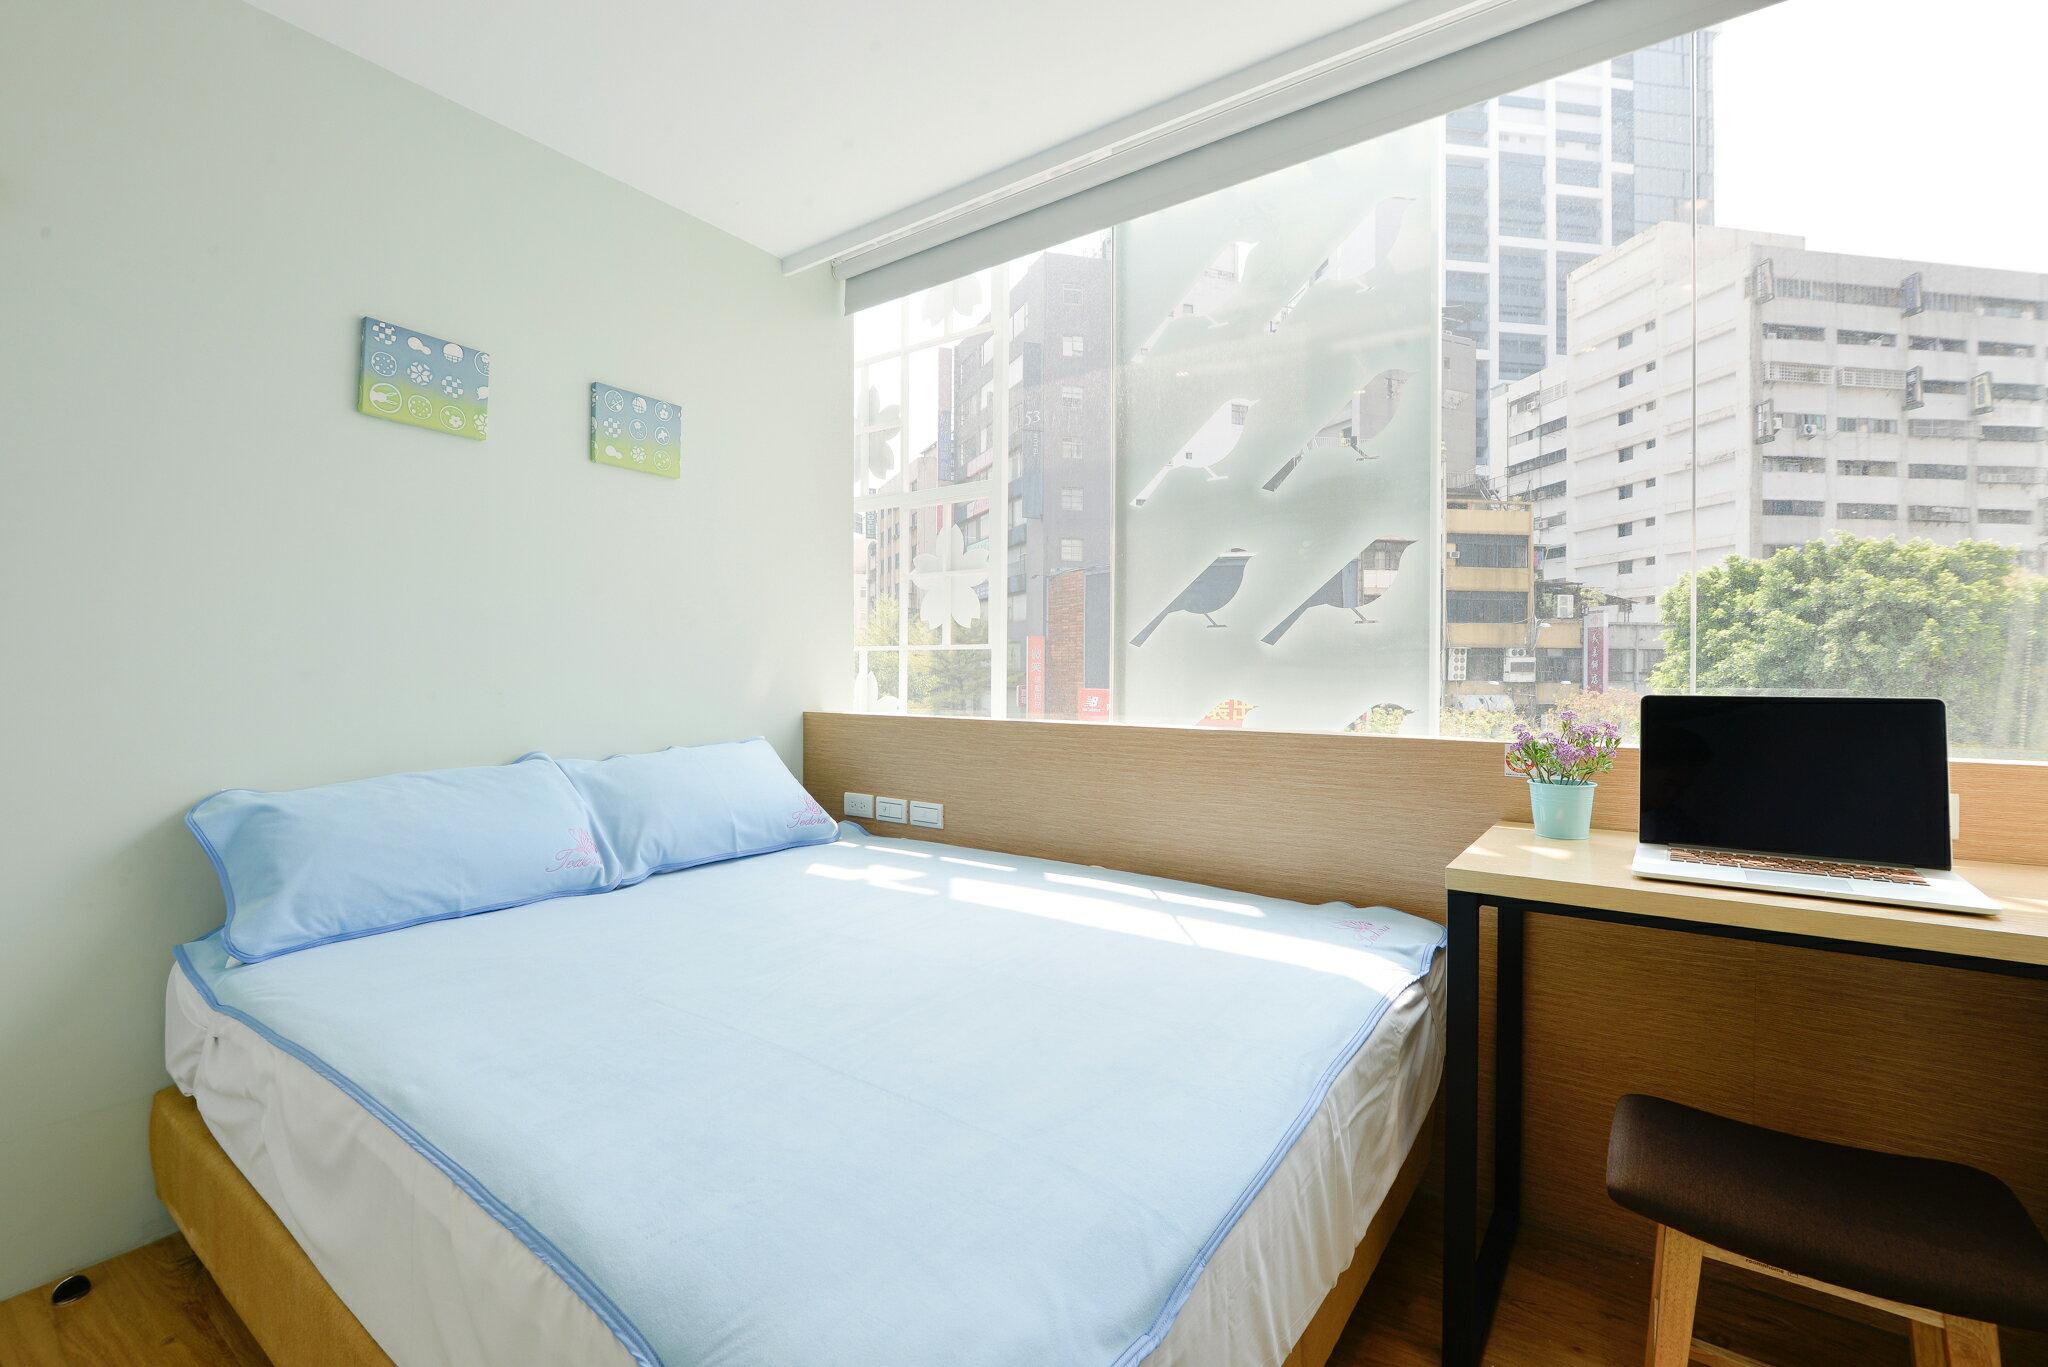 平單式保潔墊 枕頭巾兩個 單人 雙人 加大 特大 台灣製造 針織表布 物理性防蠻 防水透氣